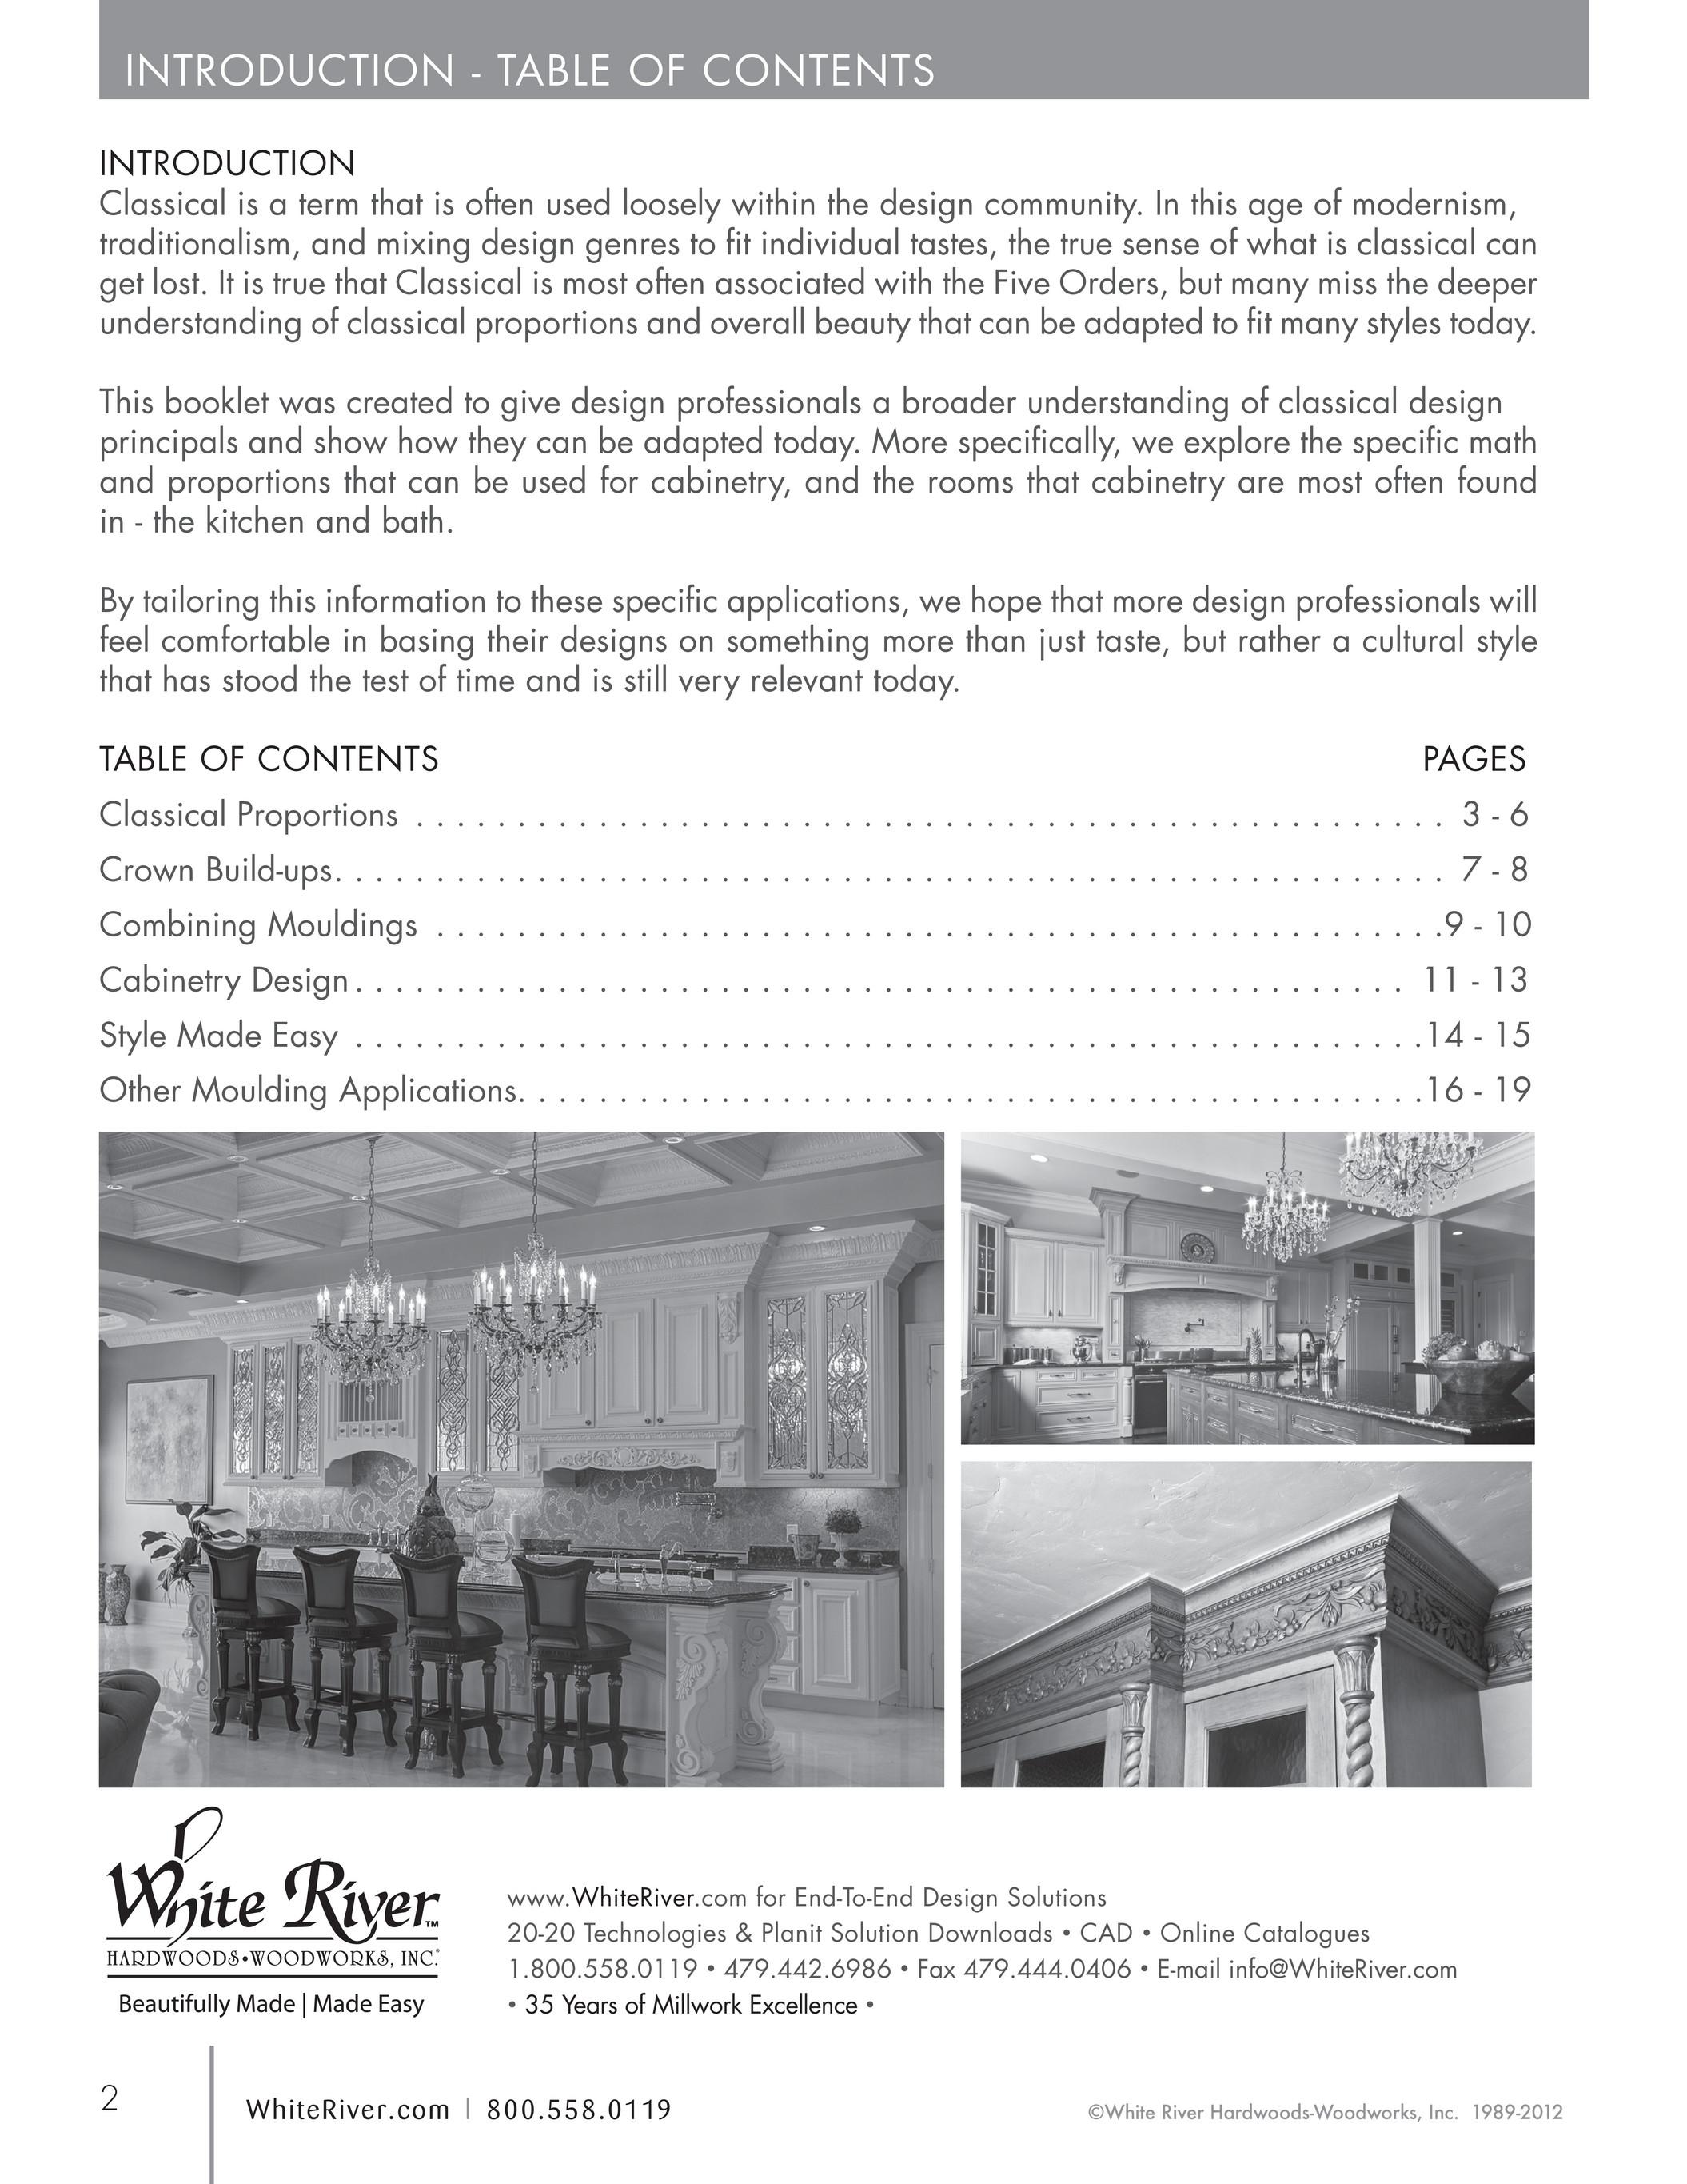 White River Illustrative Guide Page 4 5